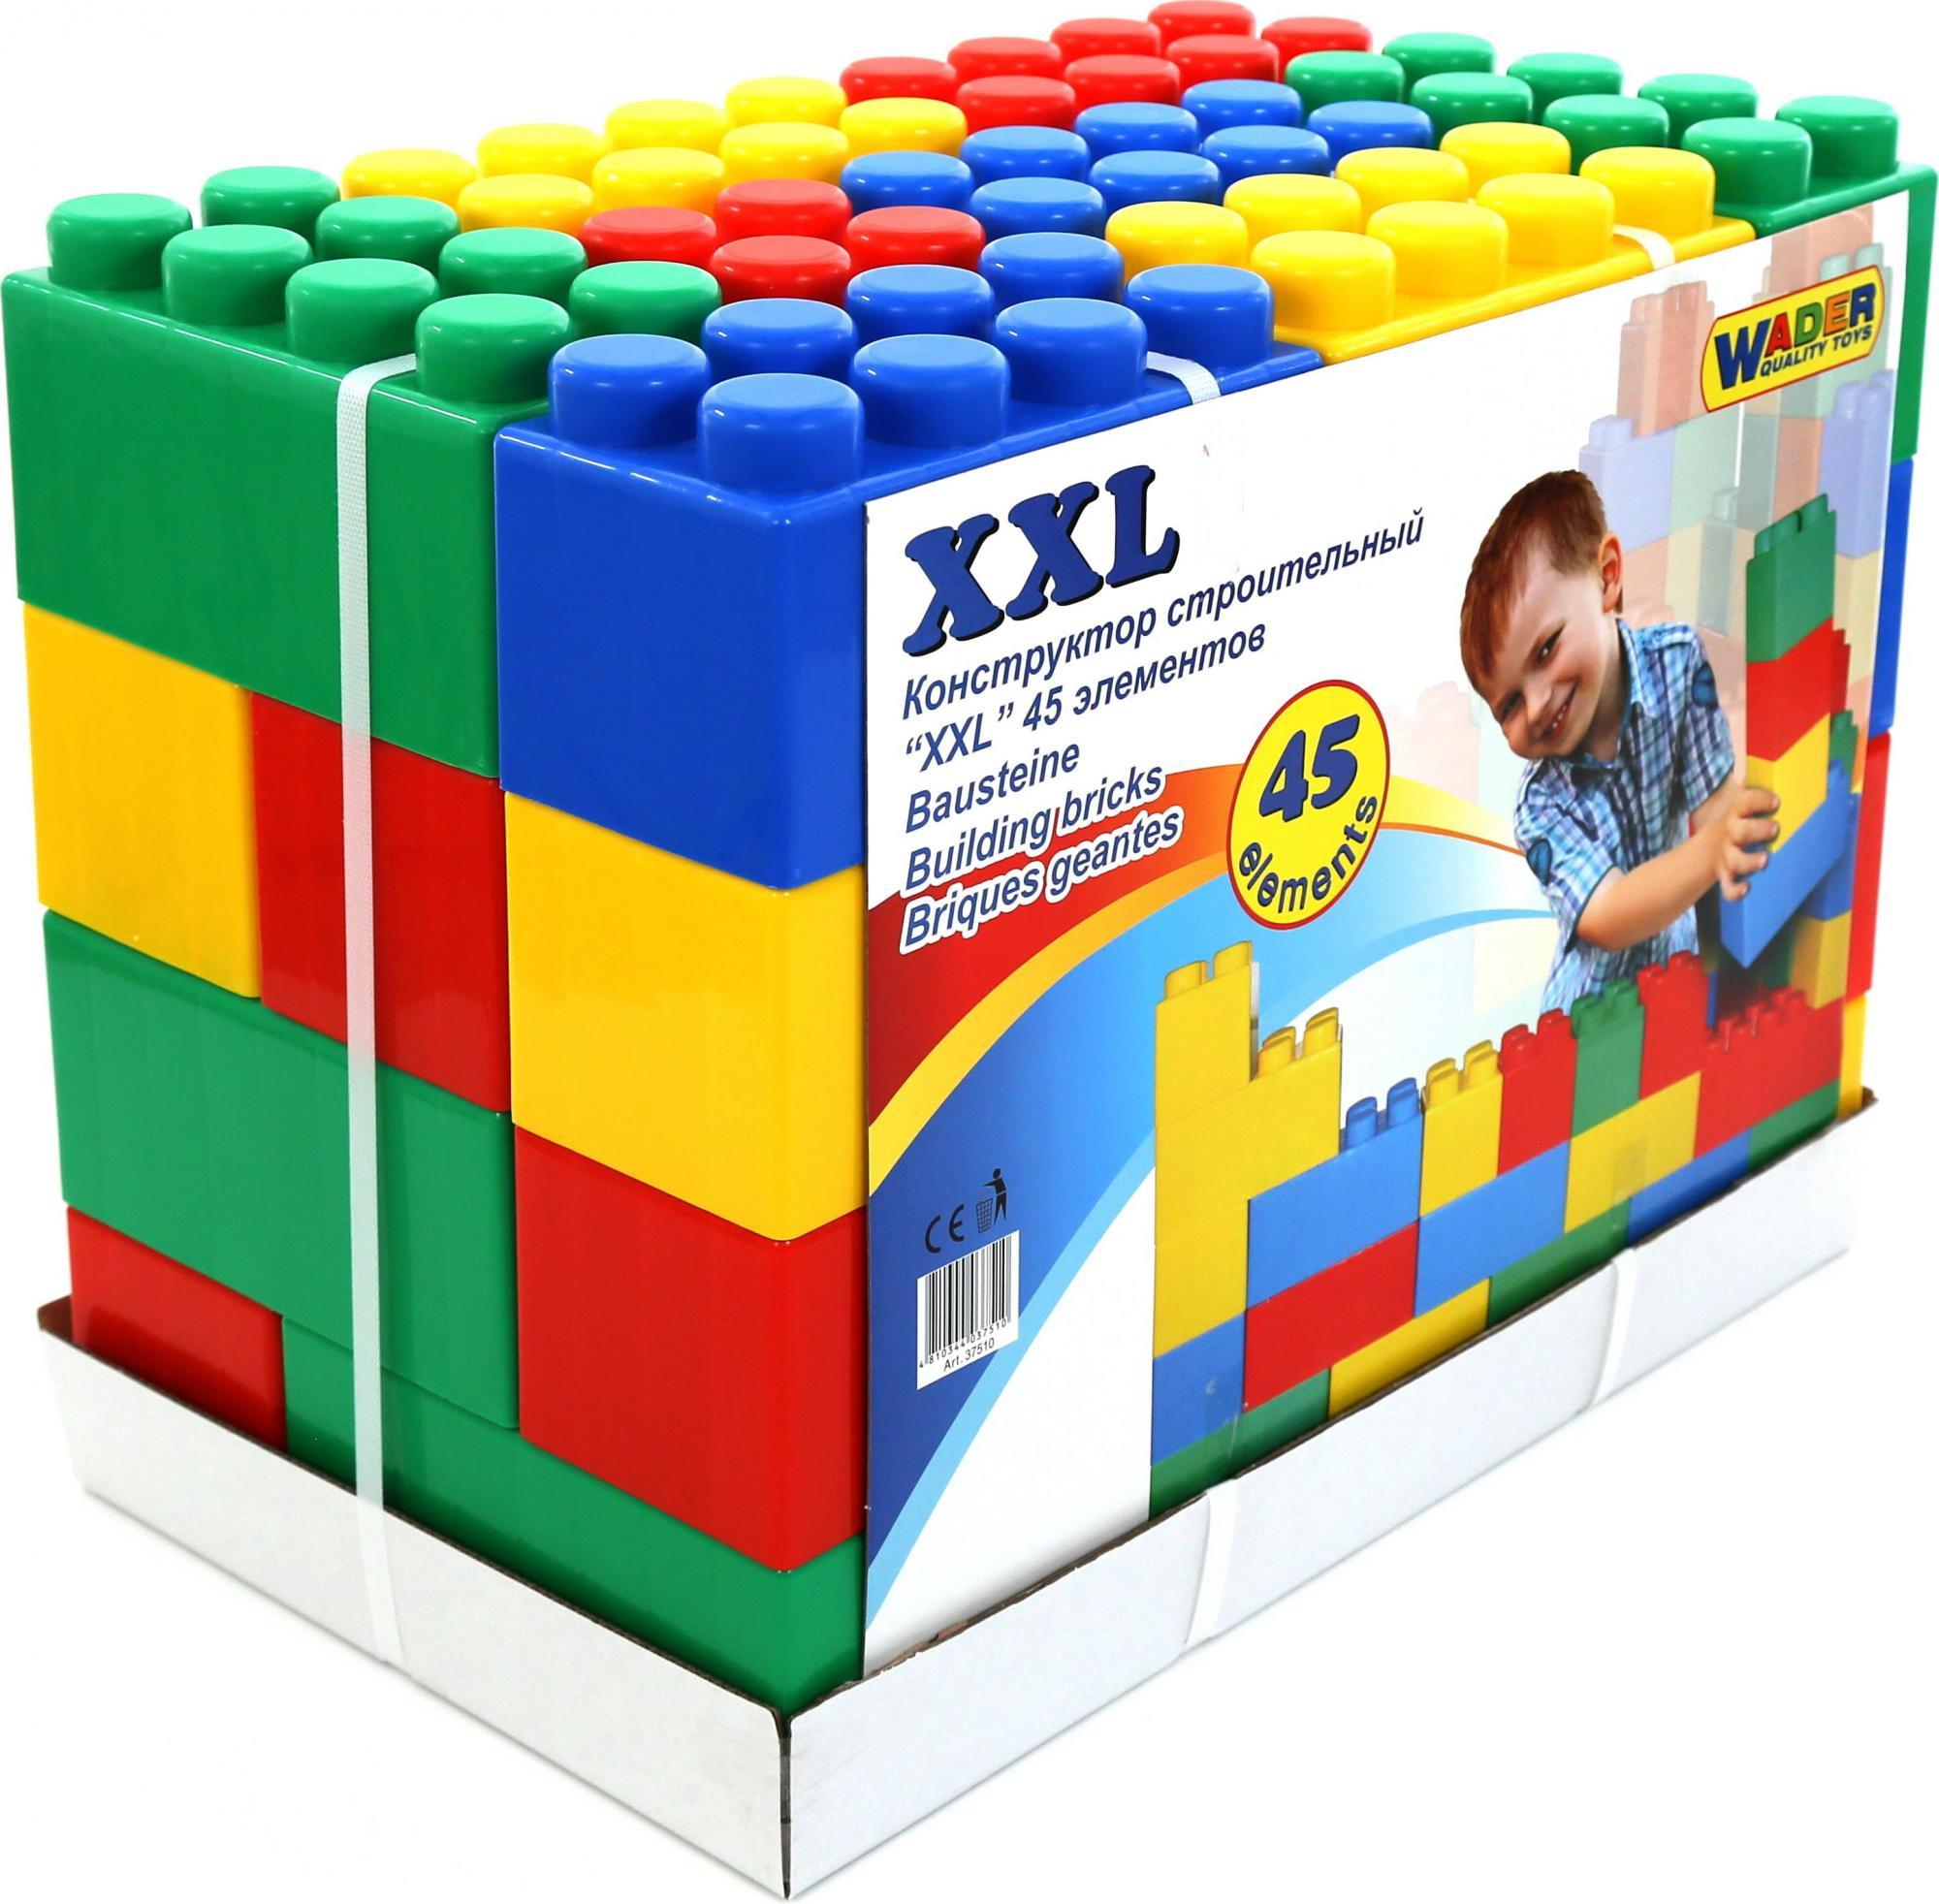 Конструктор строительный размер XXL, 45 элементовКонструкторы Полесье<br>Конструктор строительный размер XXL, 45 элементов<br>